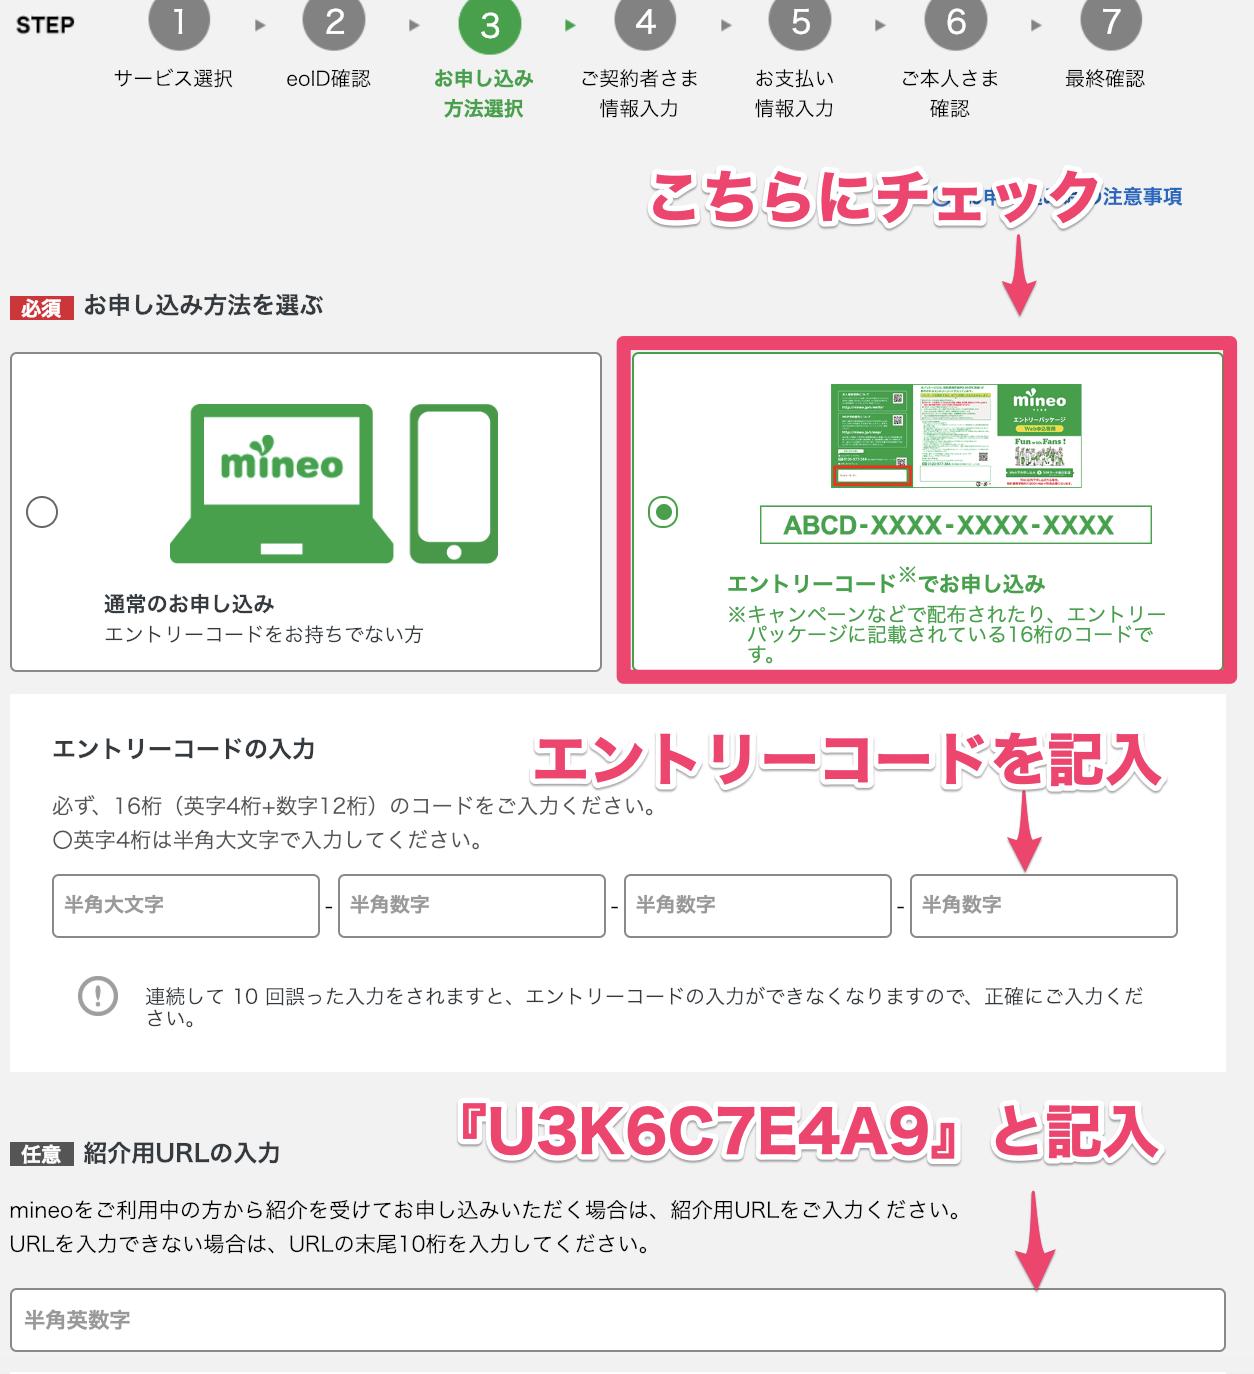 紹介URLとエントリーコードを記入する画面